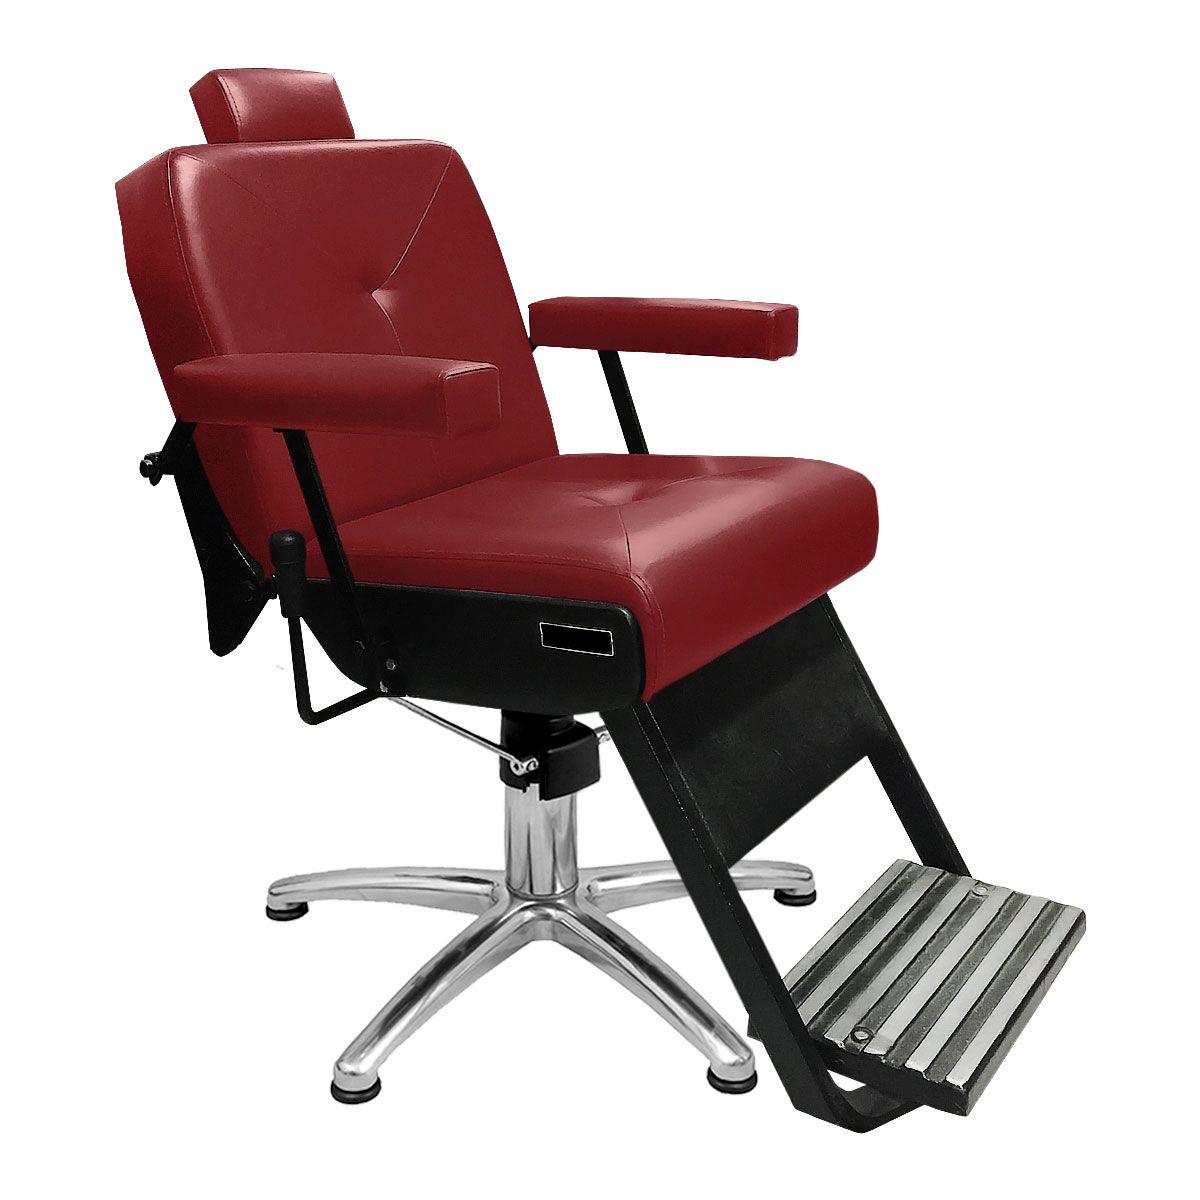 Cadeira de Barbeiro Reclinável Monza Pé Pentapé